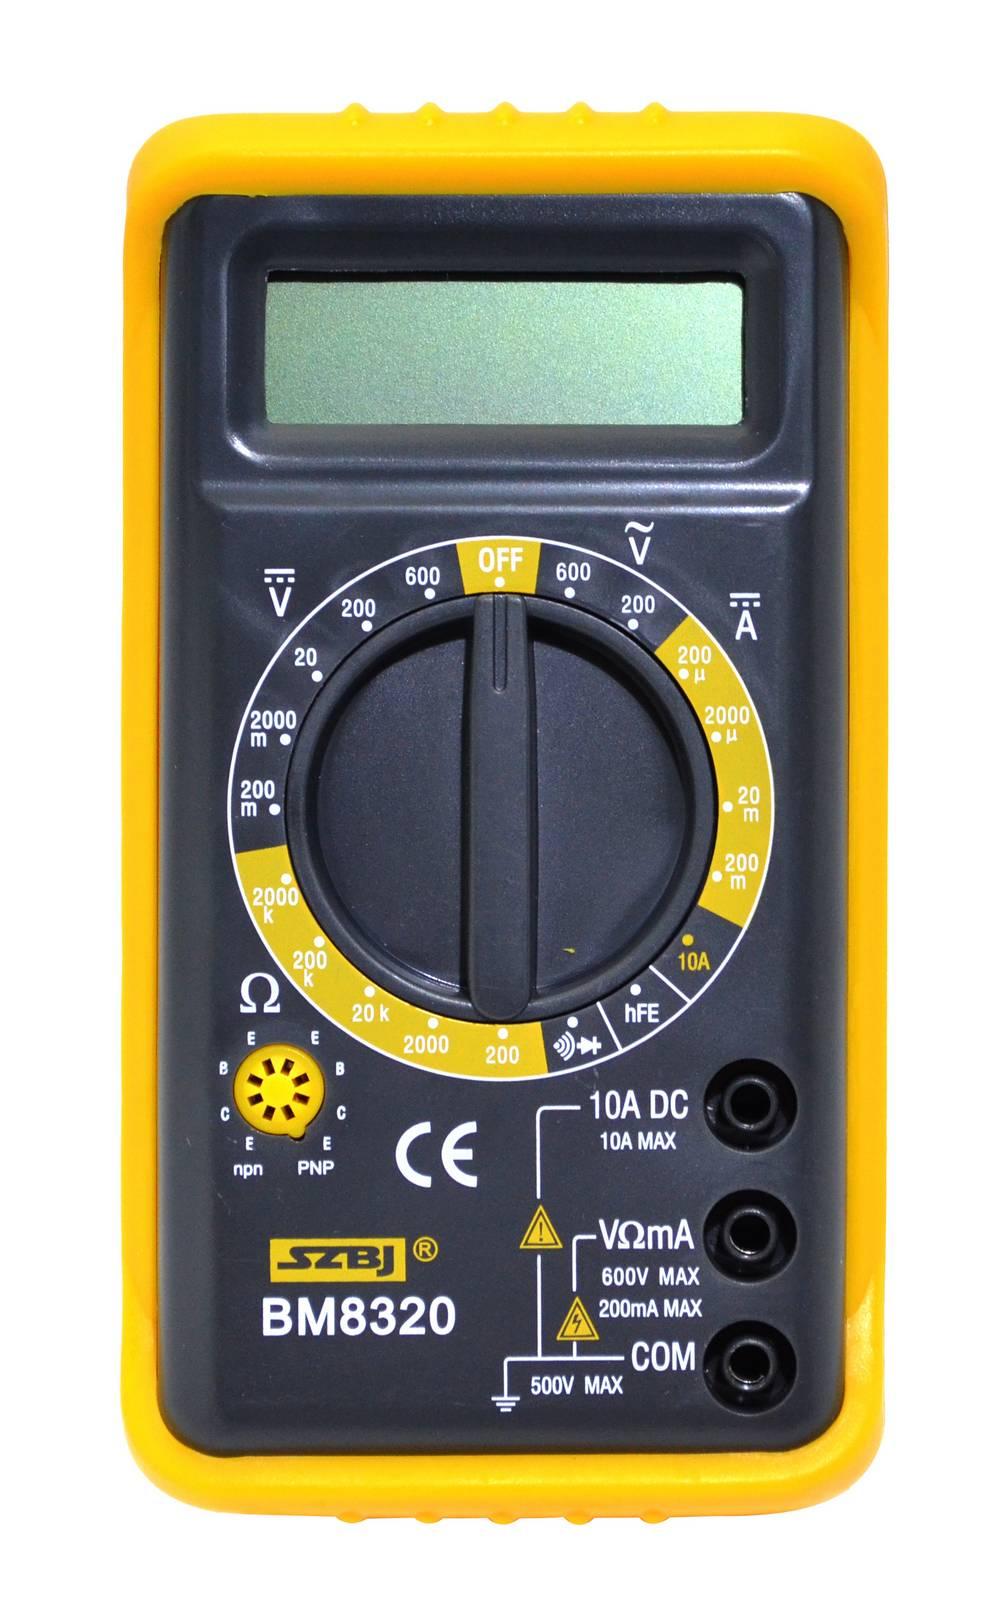 Πολύμετρο SZBJ ΒΜ8320